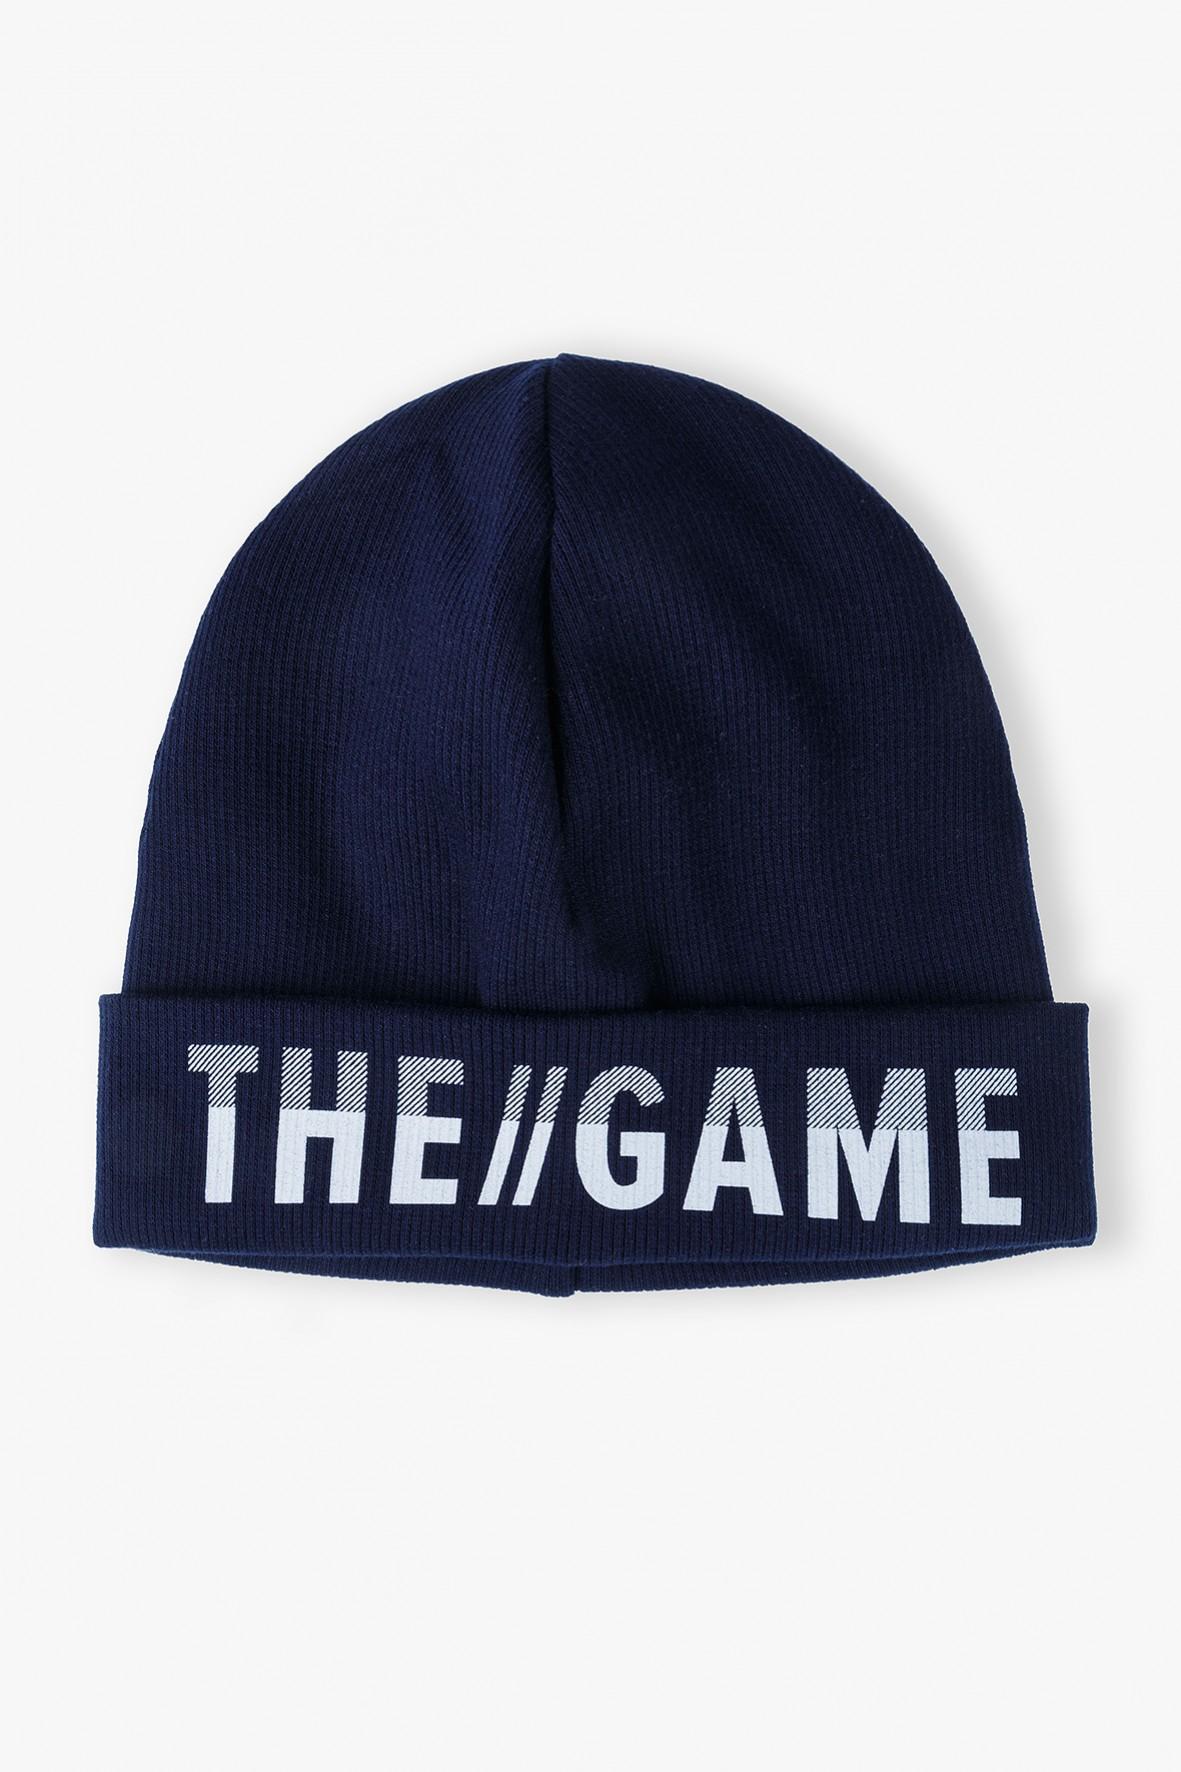 Czapka chłopięca granatowa z napisem- The game